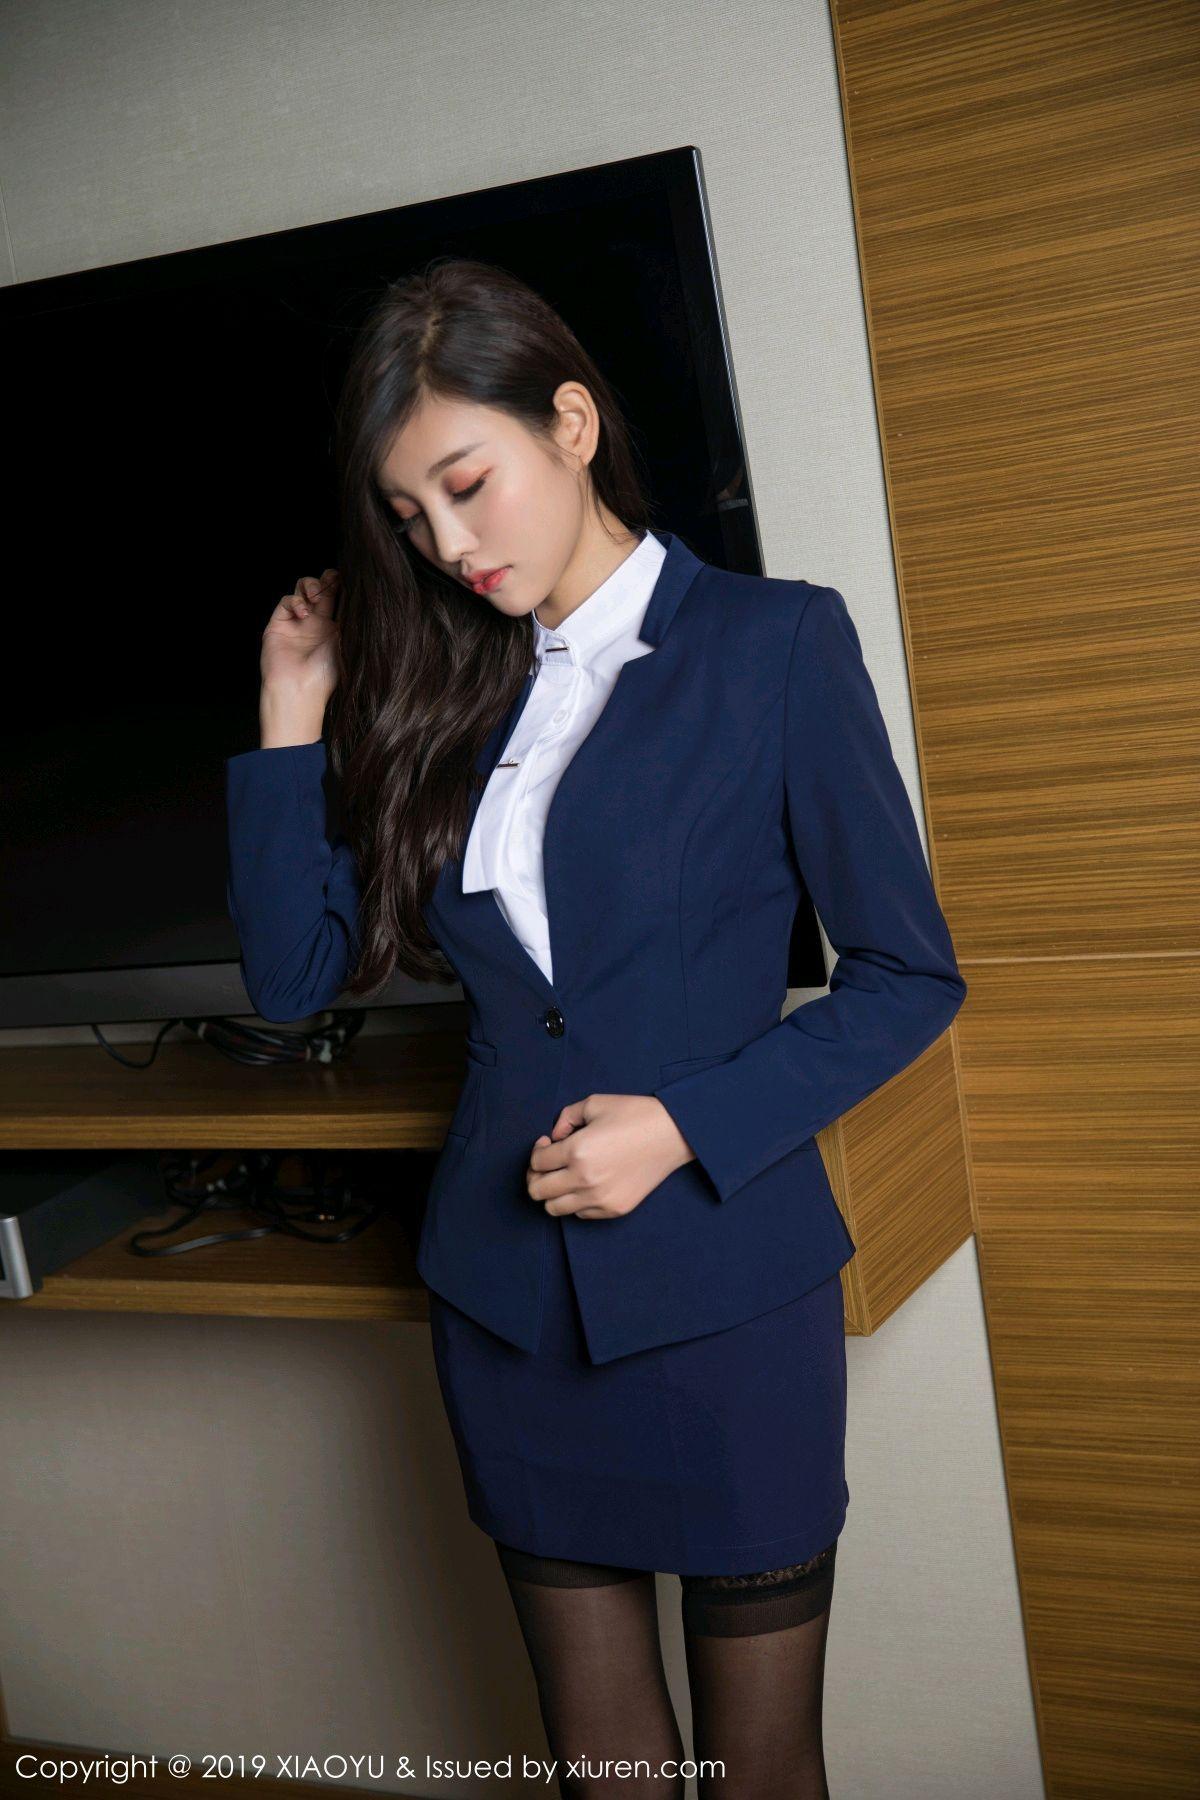 [XiaoYu] Vol.005 Yang Chen Chen 6P, Black Silk, Tall, Uniform, XiaoYu, Yang Chen Chen